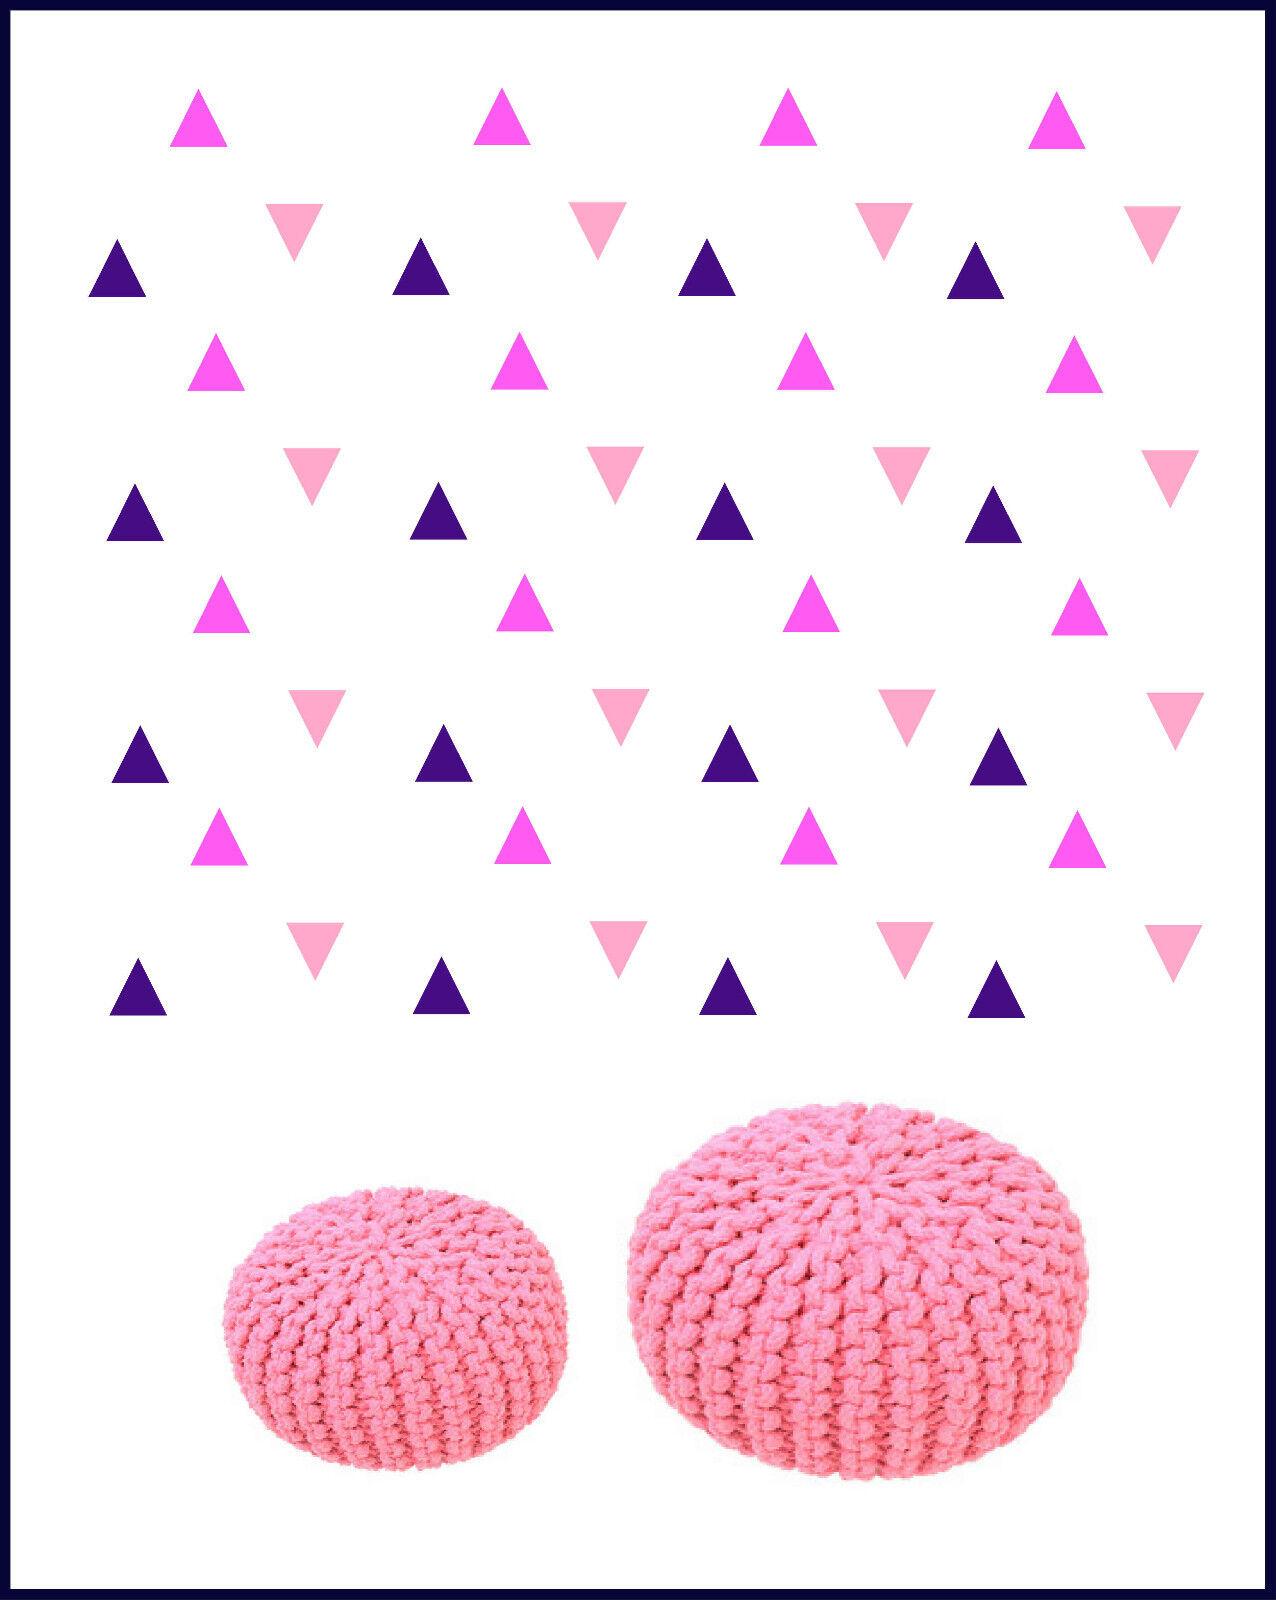 Dreieck Wandtattoo Aufkleber Sticker Dreiecke Geometrische Figuren Kinderzimmer